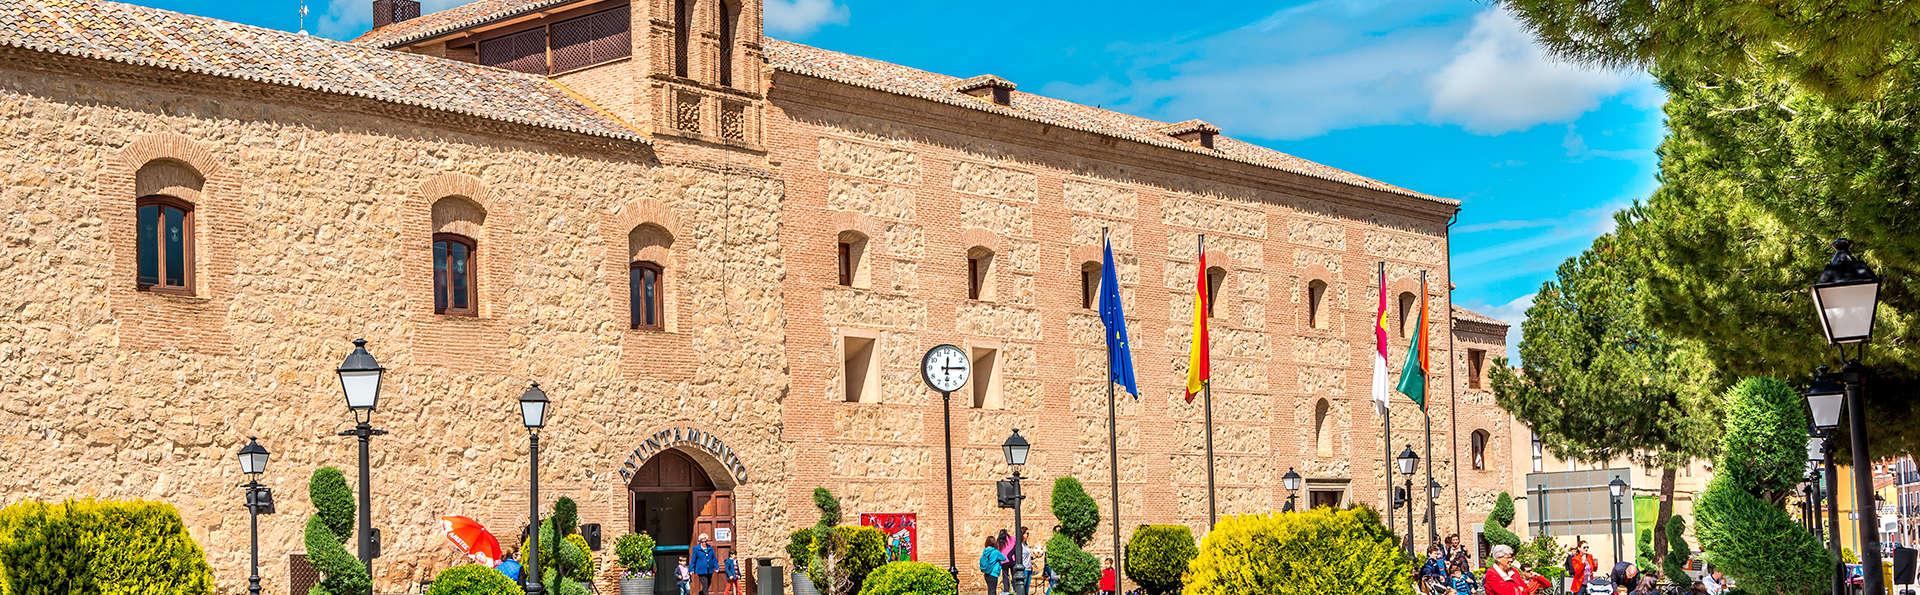 Hotel El Mesón - edit_torrijos.jpg